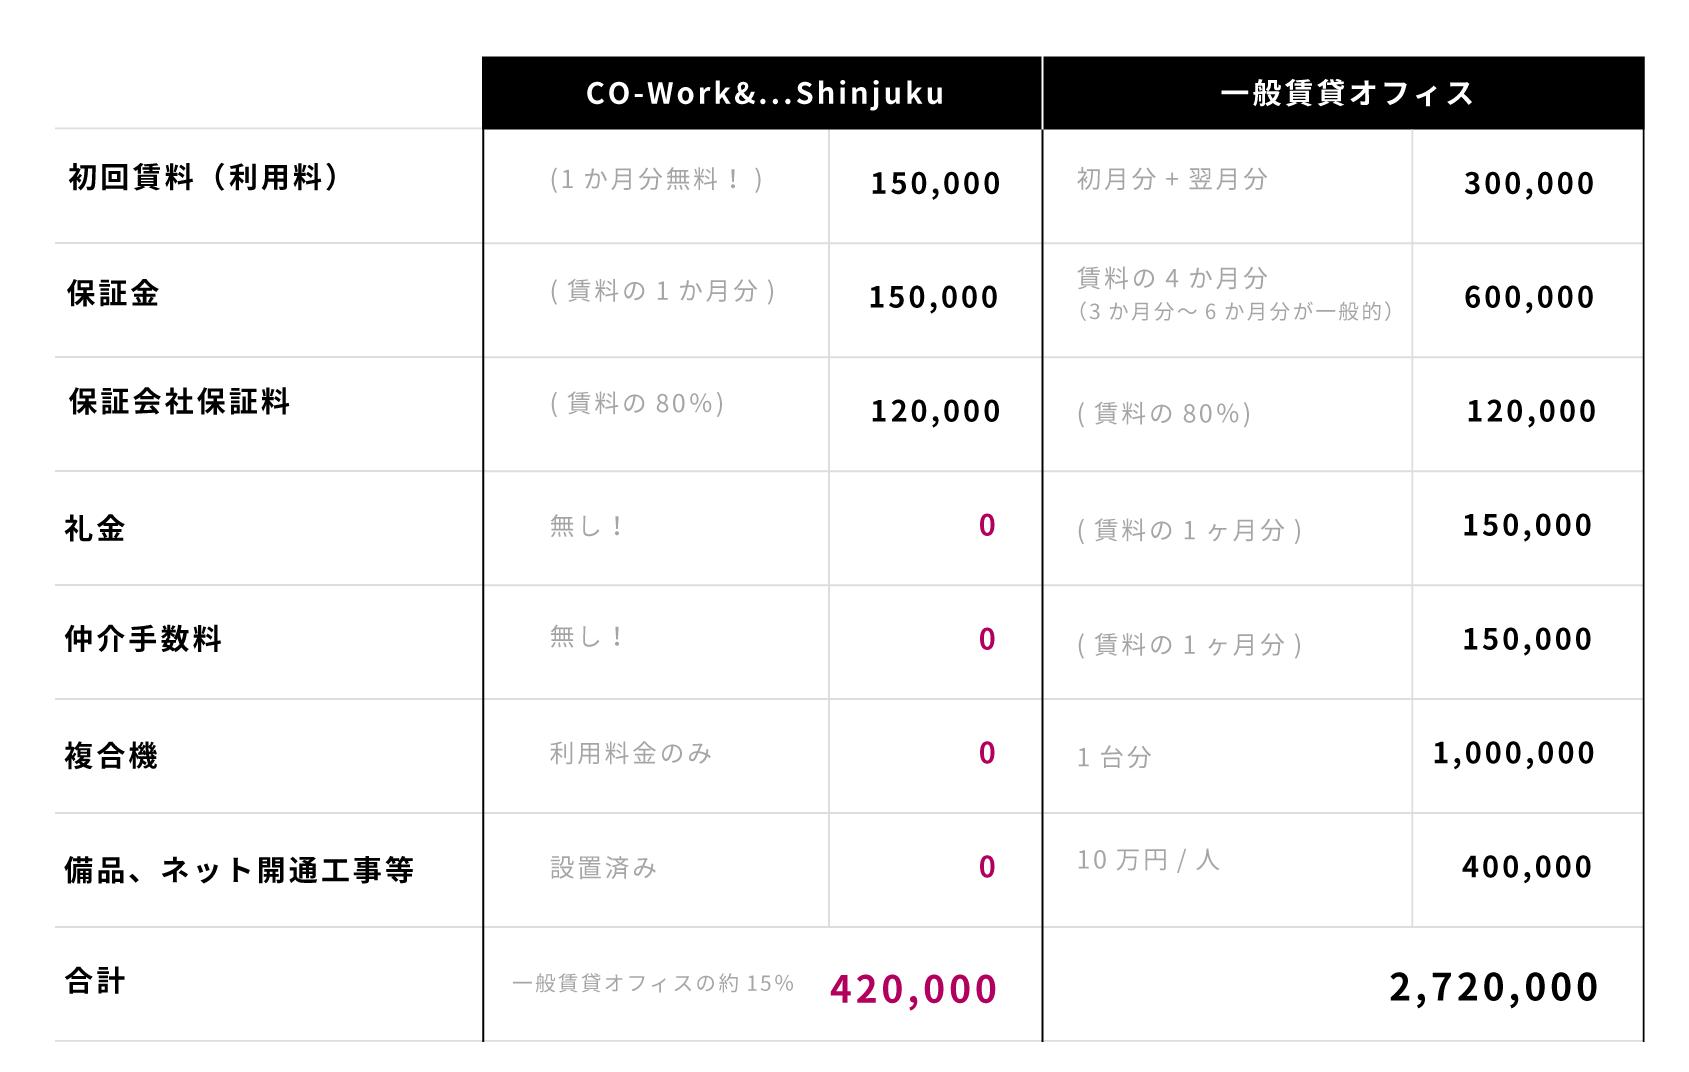 CO-Work&...Shinjukuと一般賃貸オフィスのコスト比較